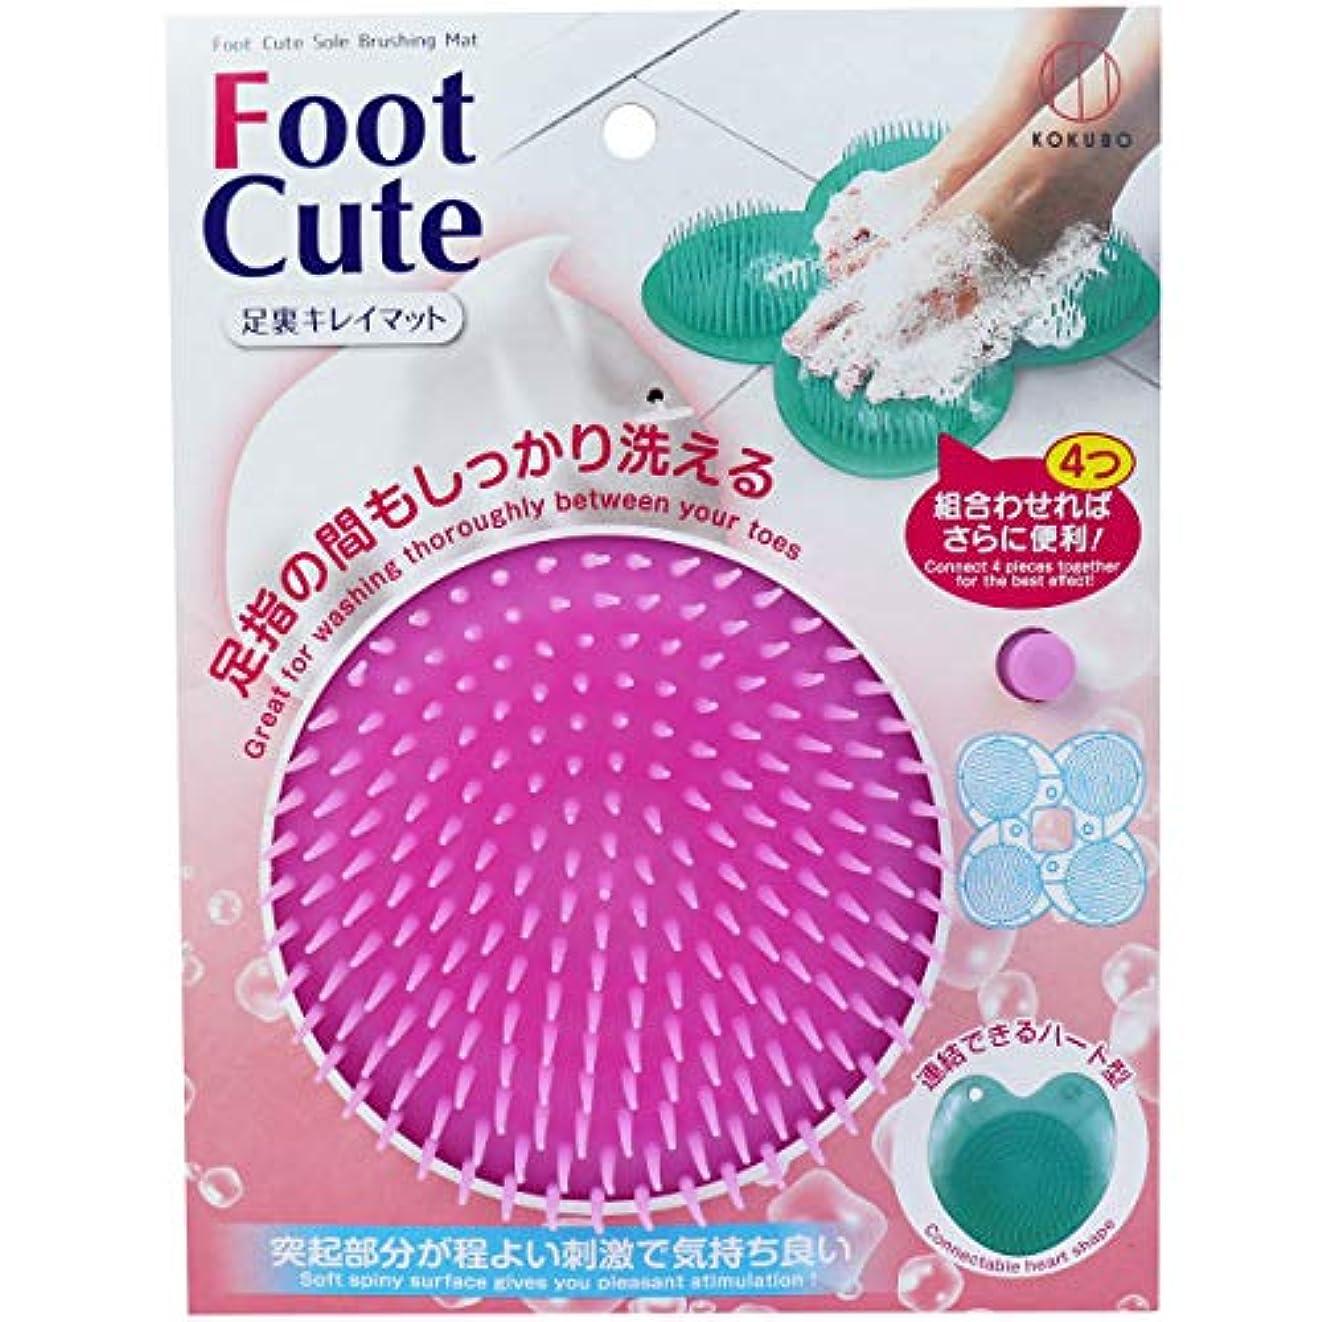 レシピ時間とともに冷蔵庫Foot Cute 足裏キレイマット ピンク KH-056×5個セット